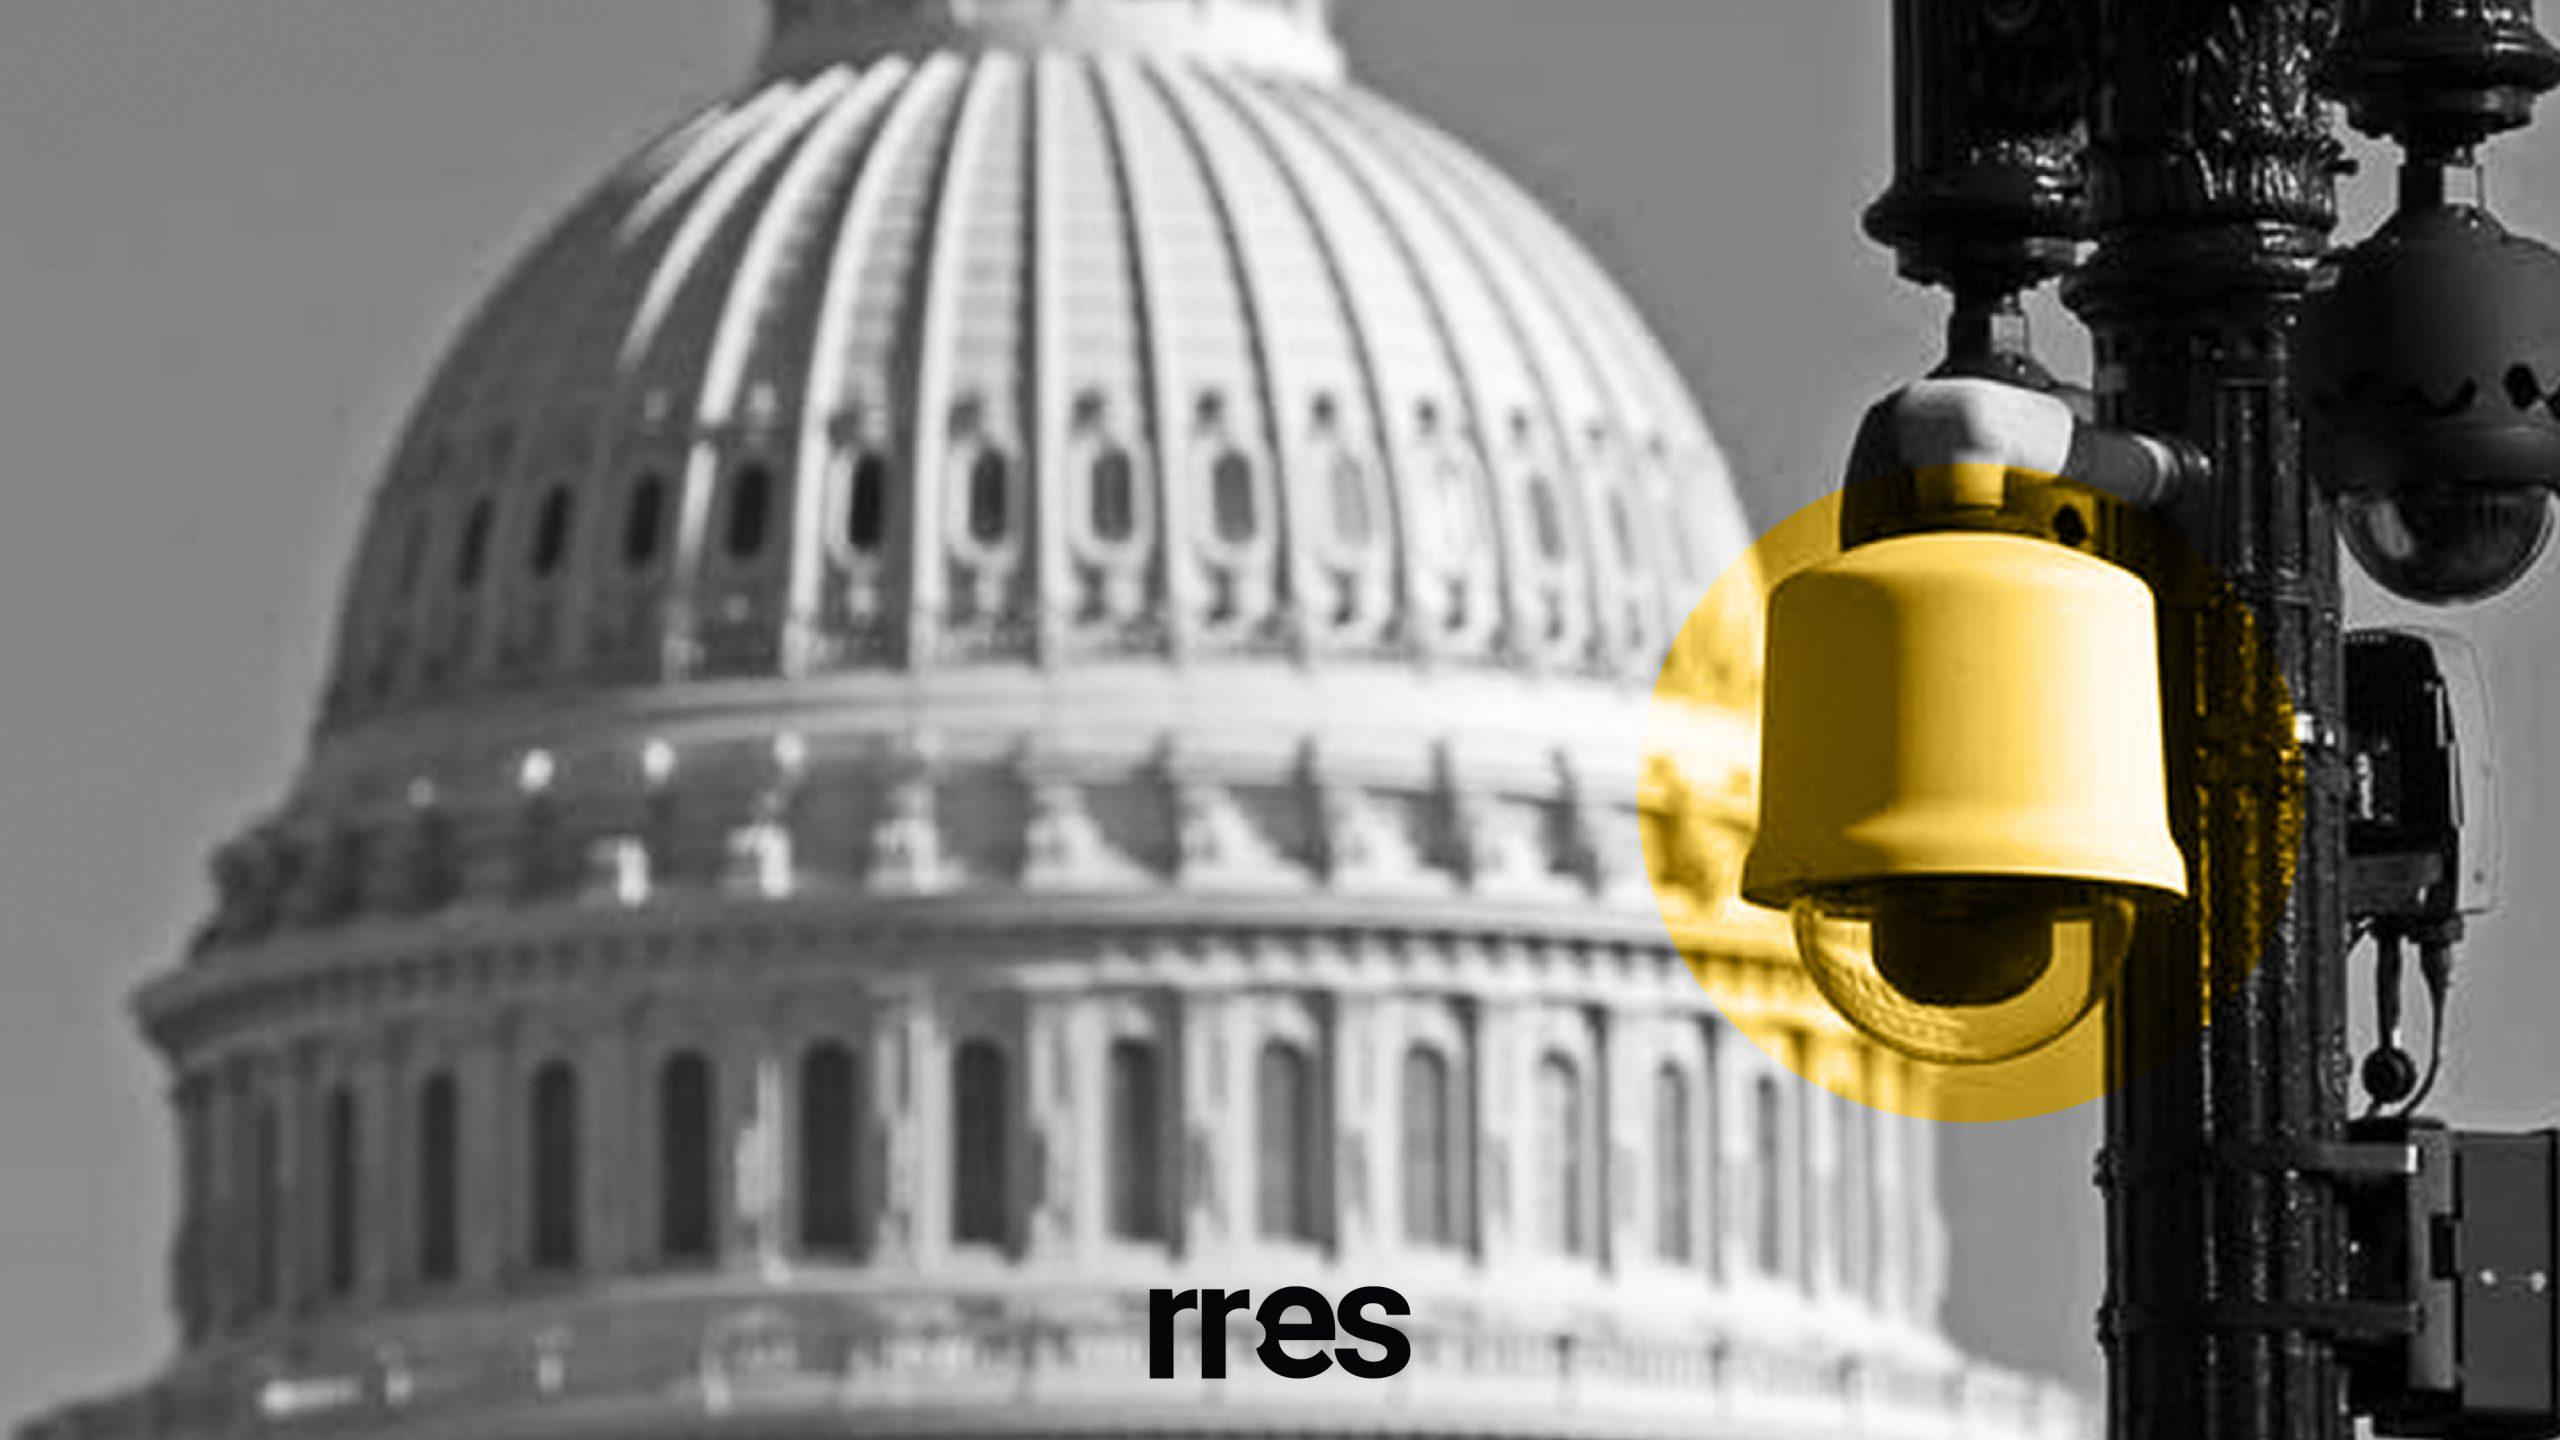 Cómo las autoridades están usando la tecnología para rastrear a quienes atacaron el Capitolio de EE. UU.*